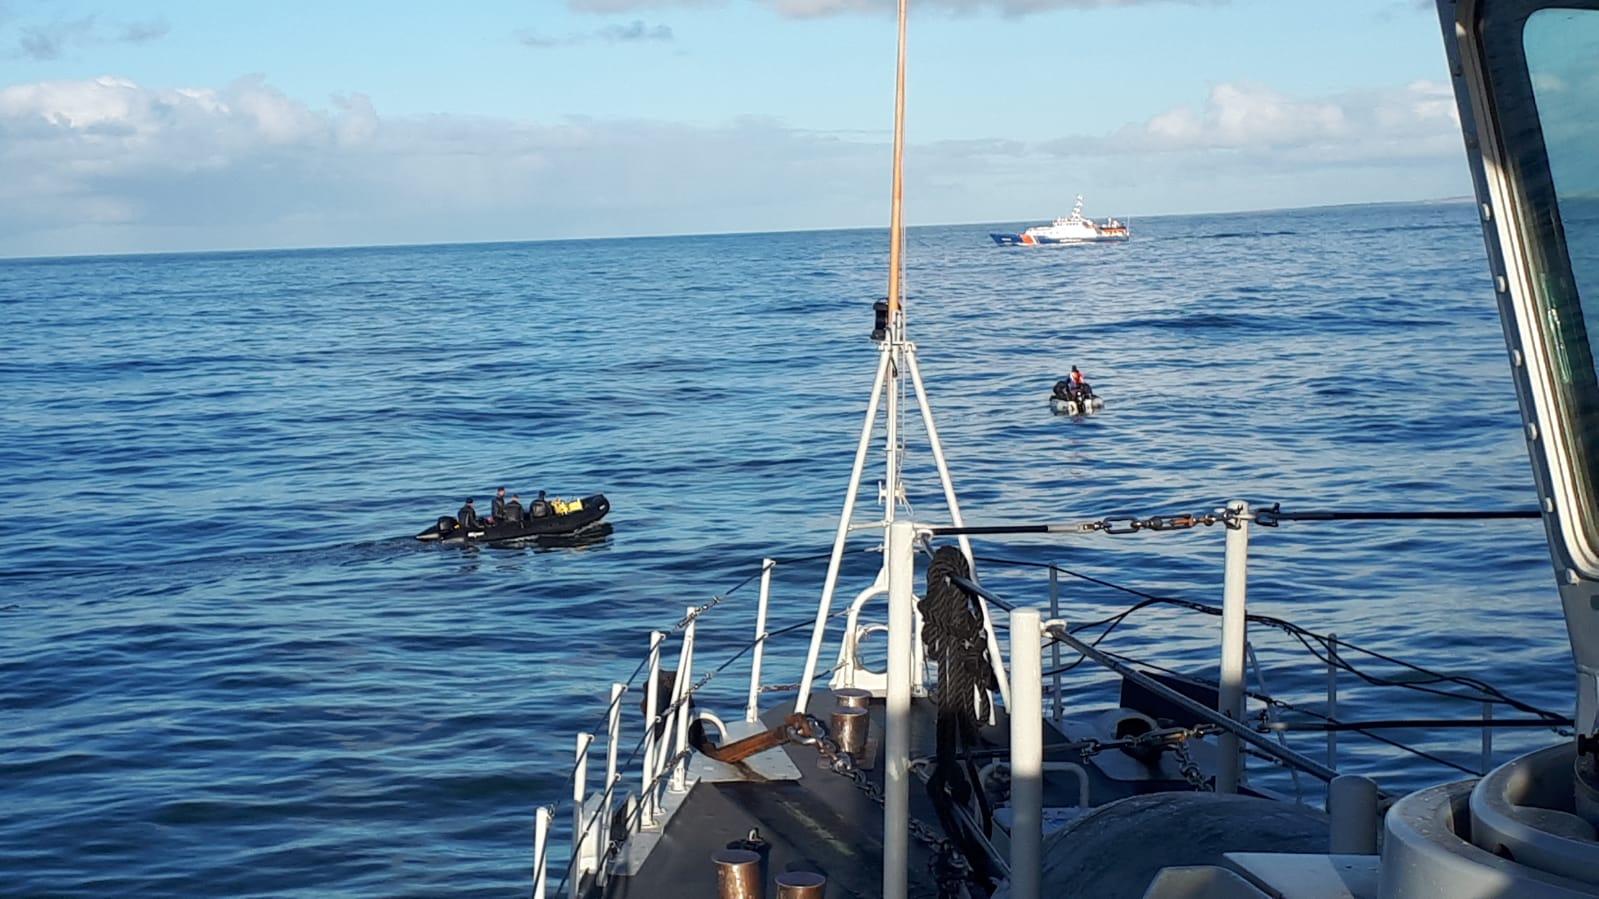 Vermiste vissers door marineduikers gevonden